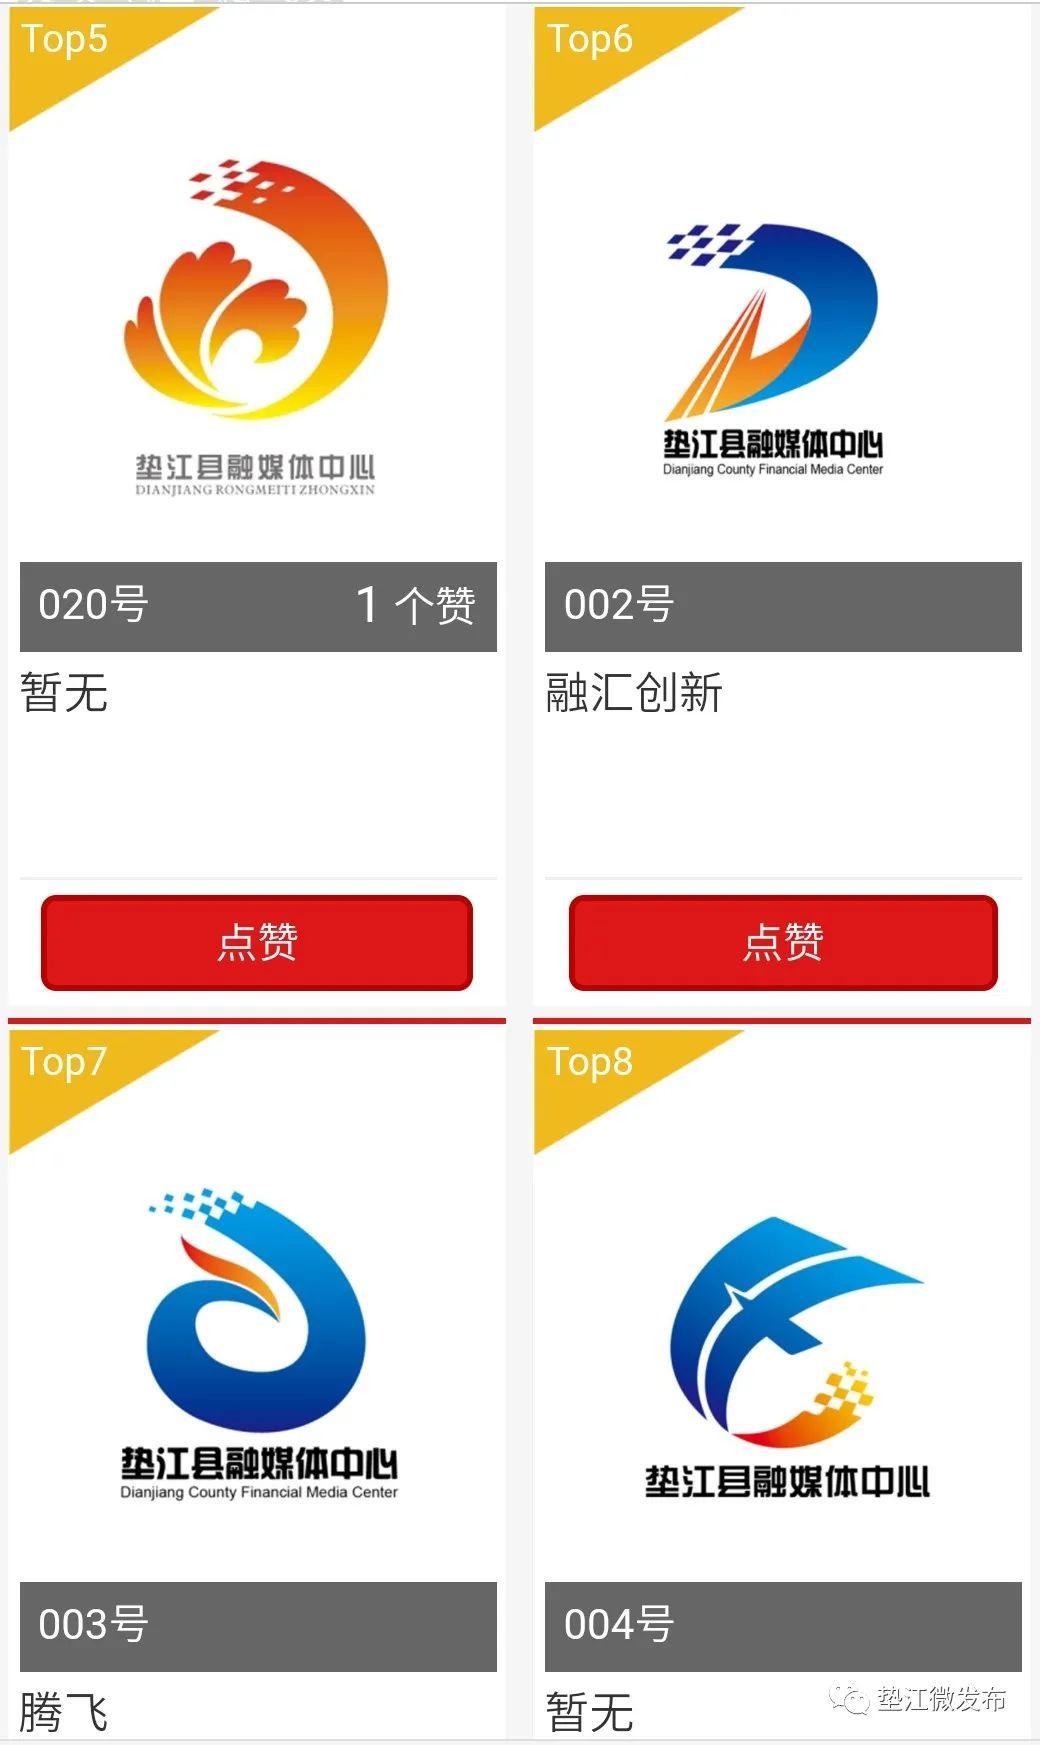 垫江县融媒体中心LOGO及推广语网络投票开始啦!